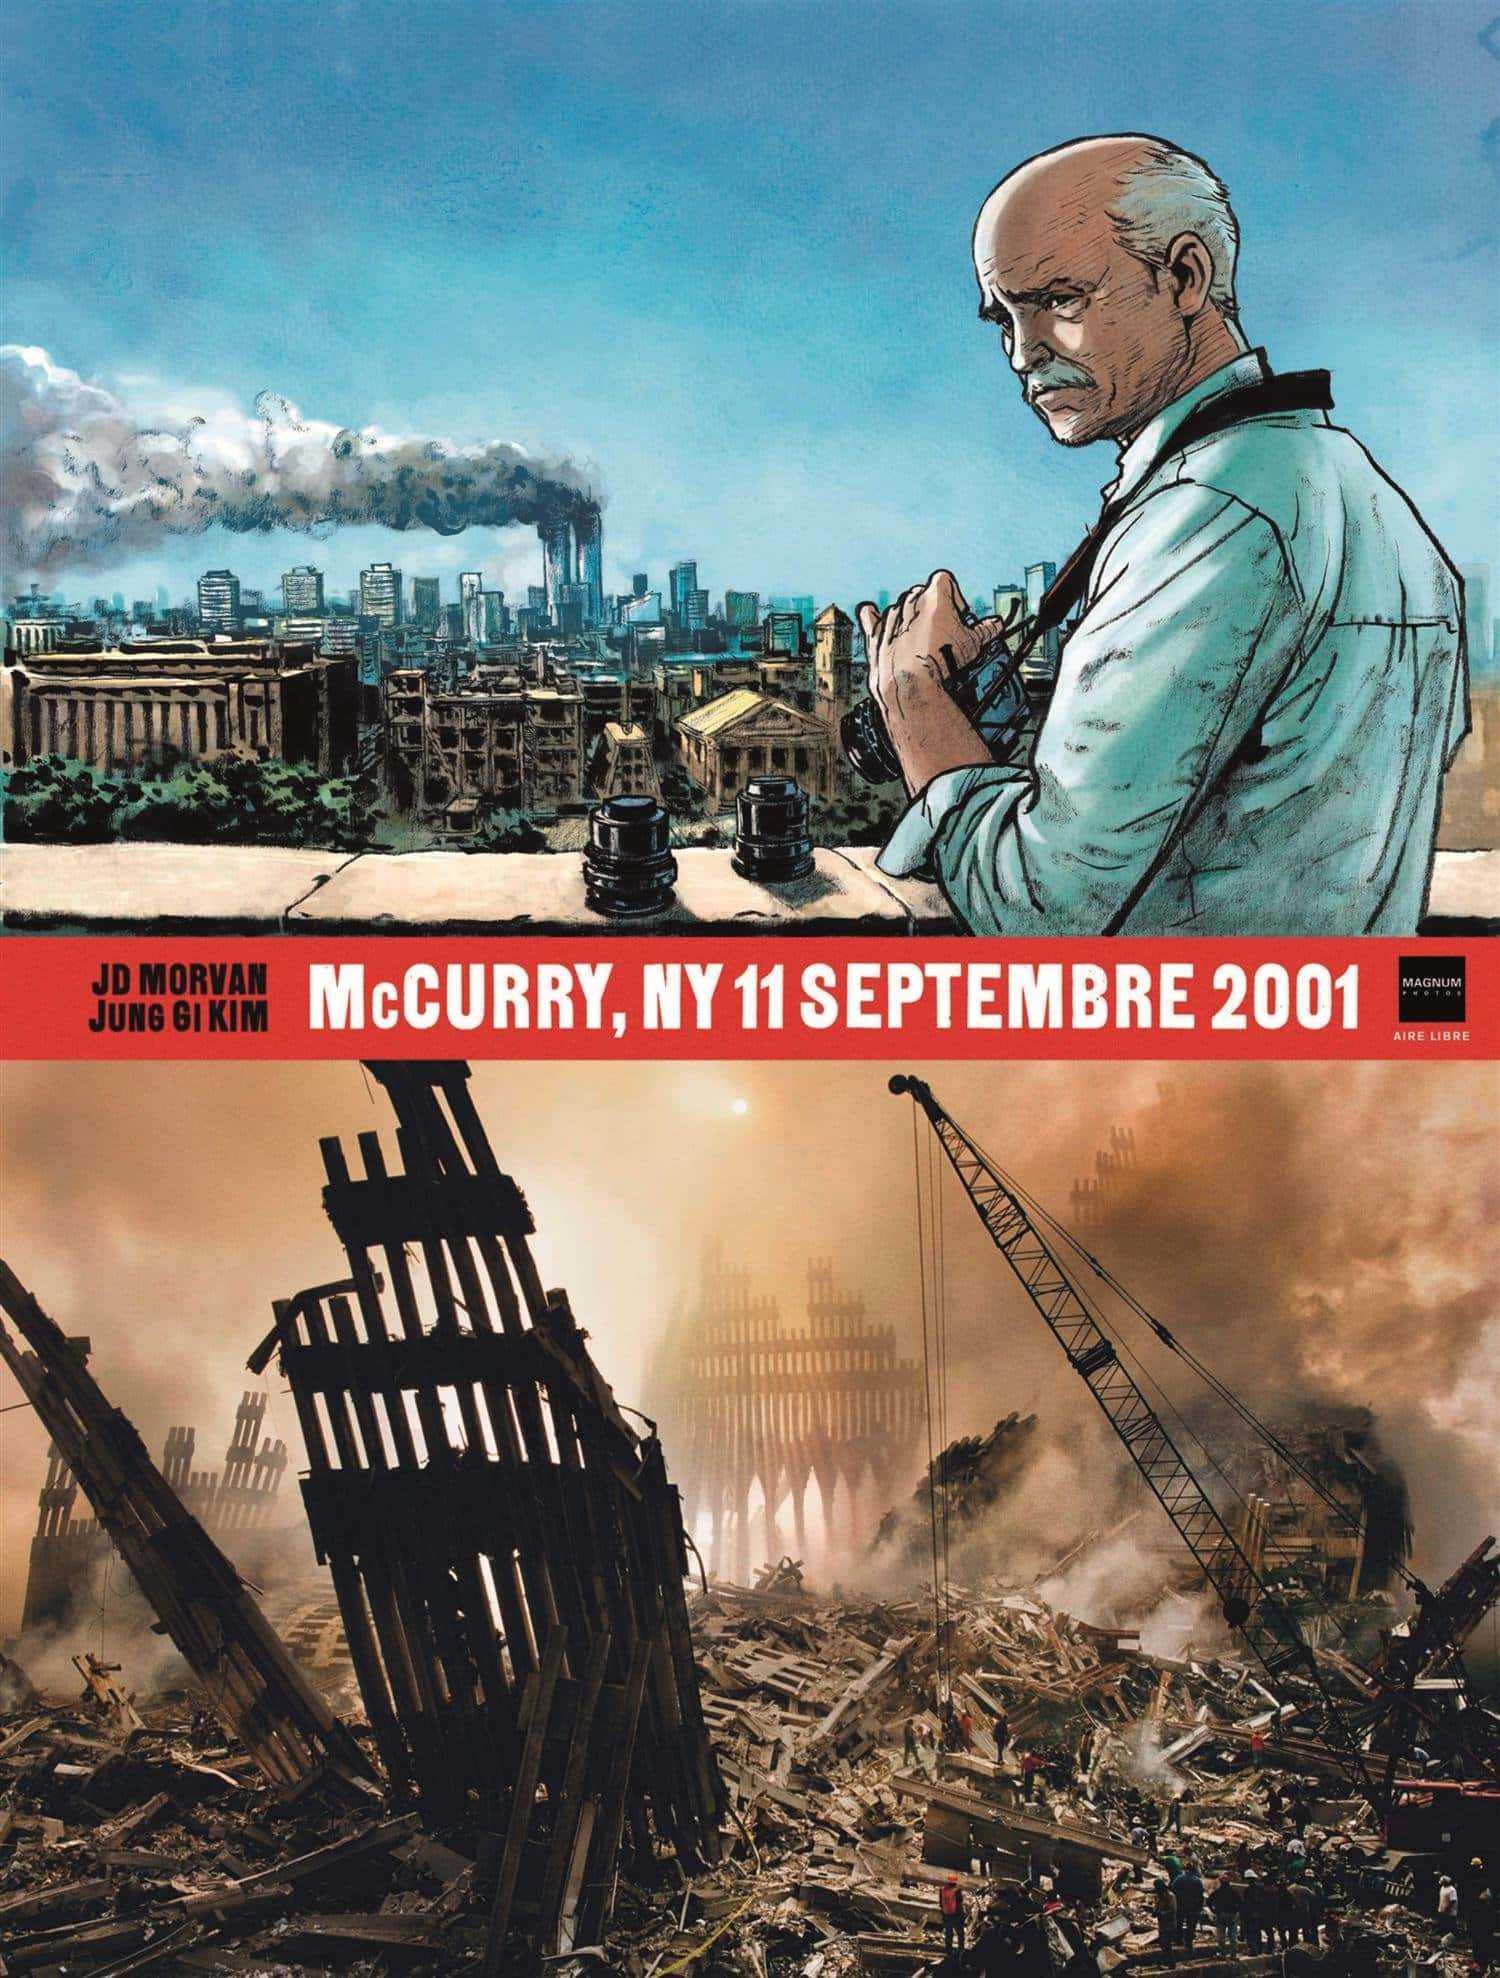 McCurry, NY 11 septembre 2001, des Twins au stade de France